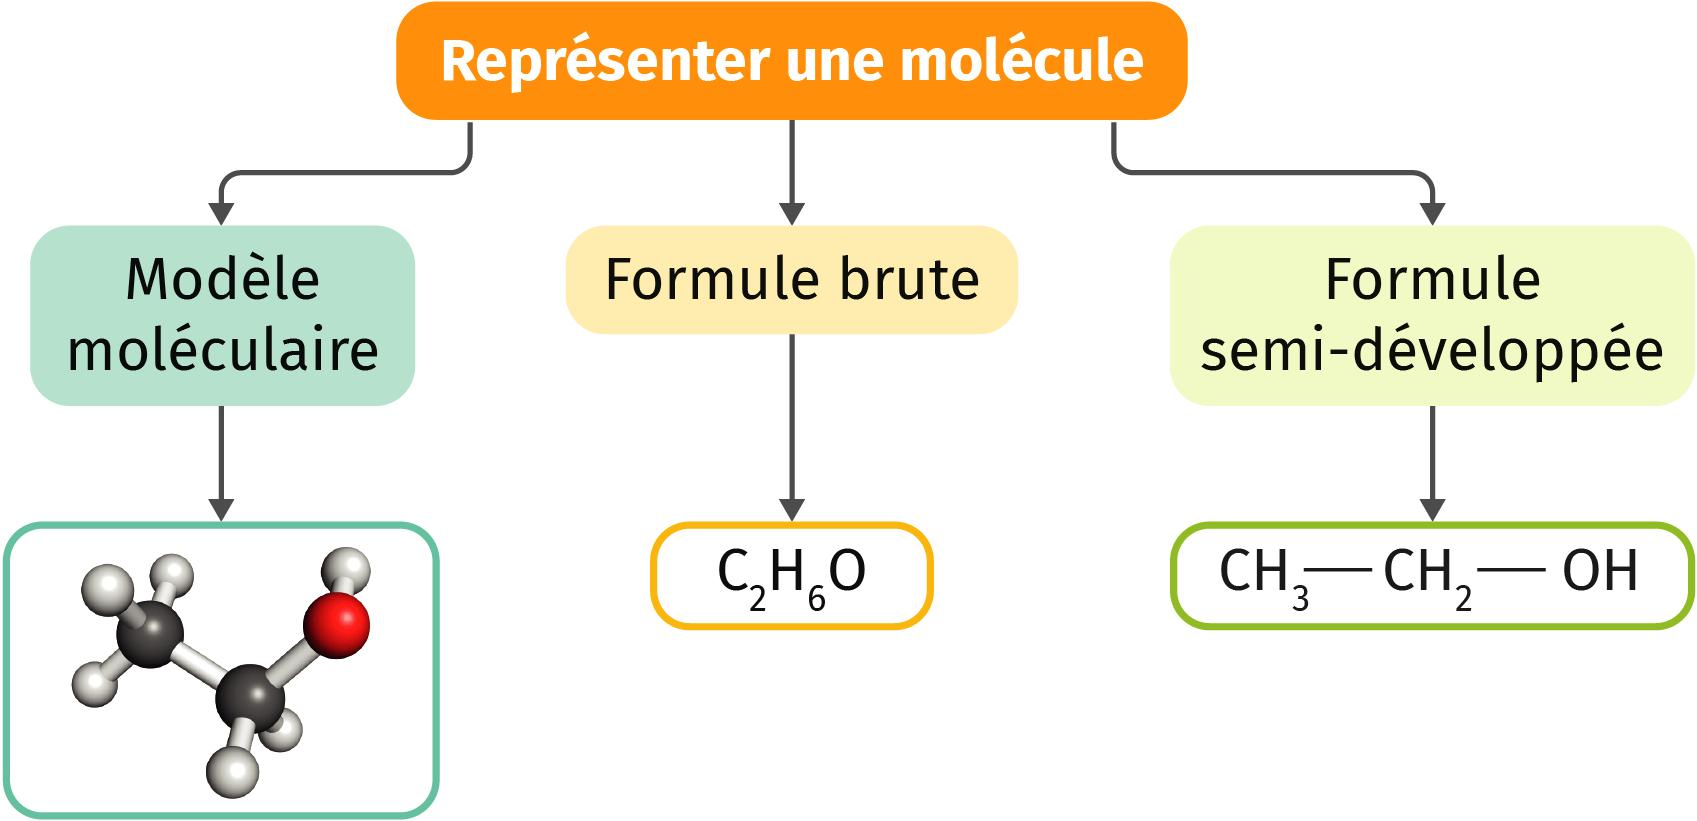 Représenter une molécule